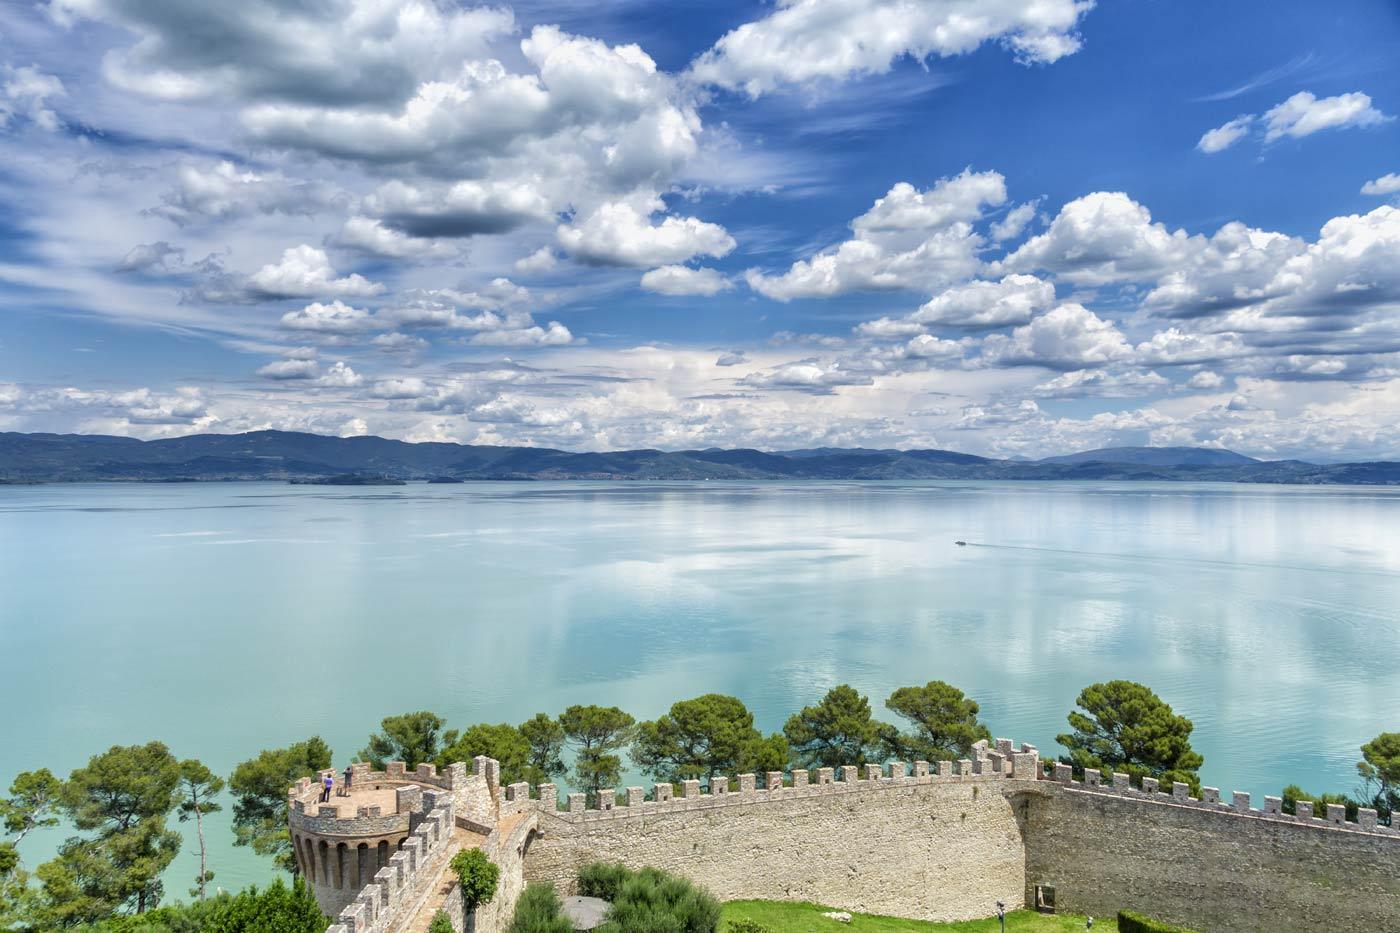 cosa vedere sull'isola Maggiore al lago Trasimeno